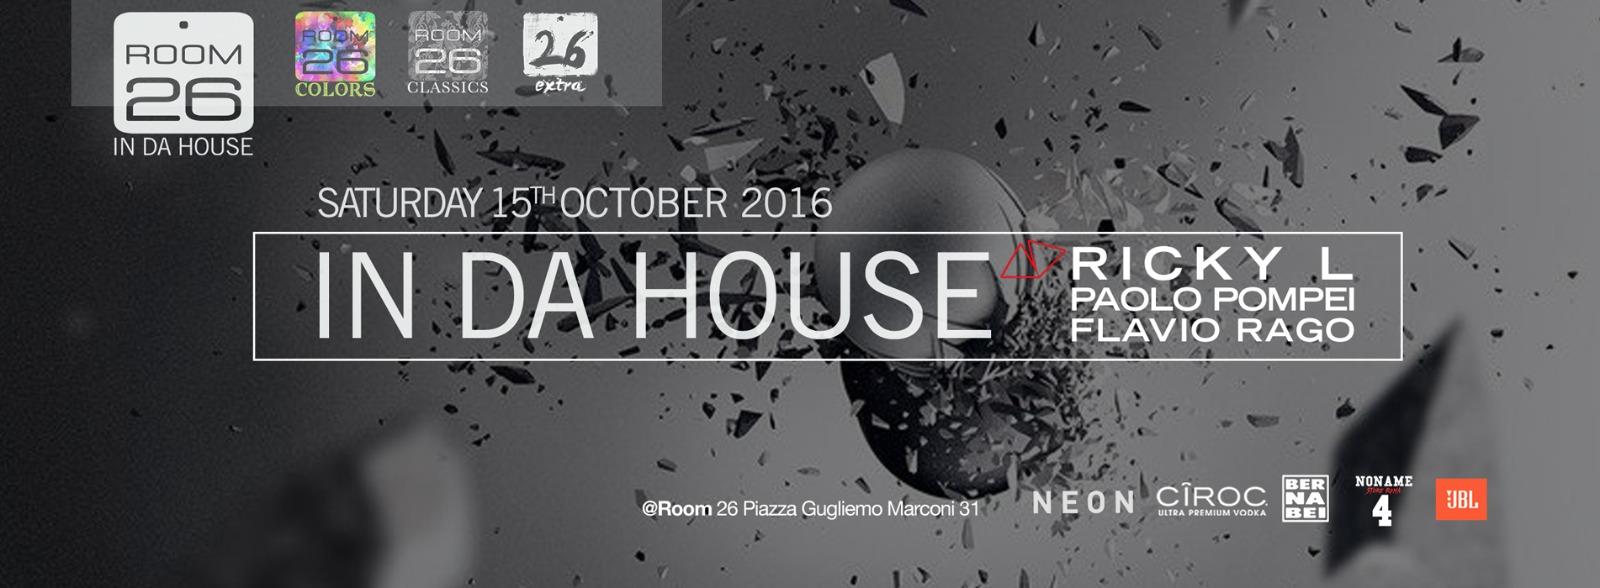 Room 26 Roma sabato 15 ottobre 2016 IN DA HOUSE